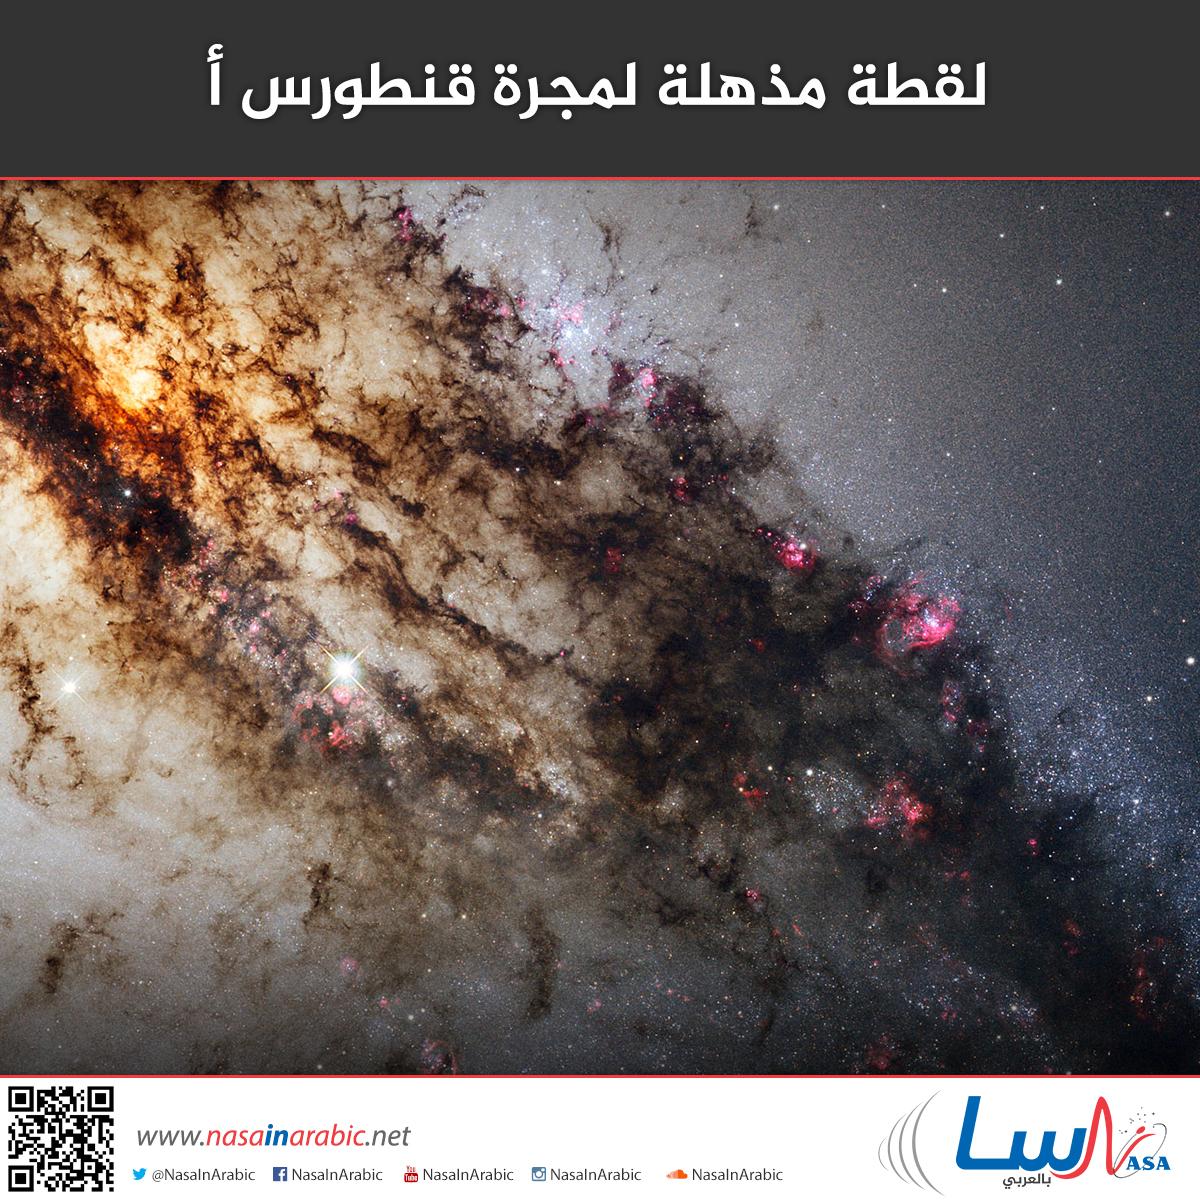 لقطة مذهلة لمجرة قنطورس أ